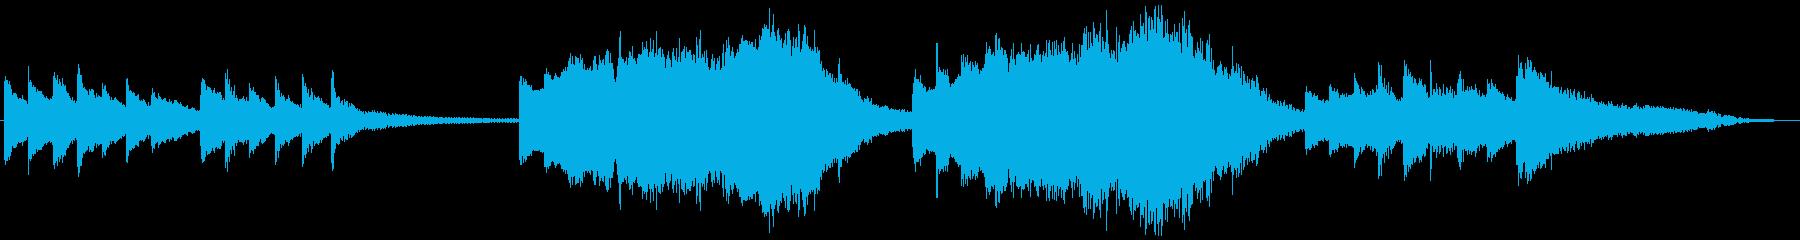 生オーボエ,クラリネットの切ないバラードの再生済みの波形